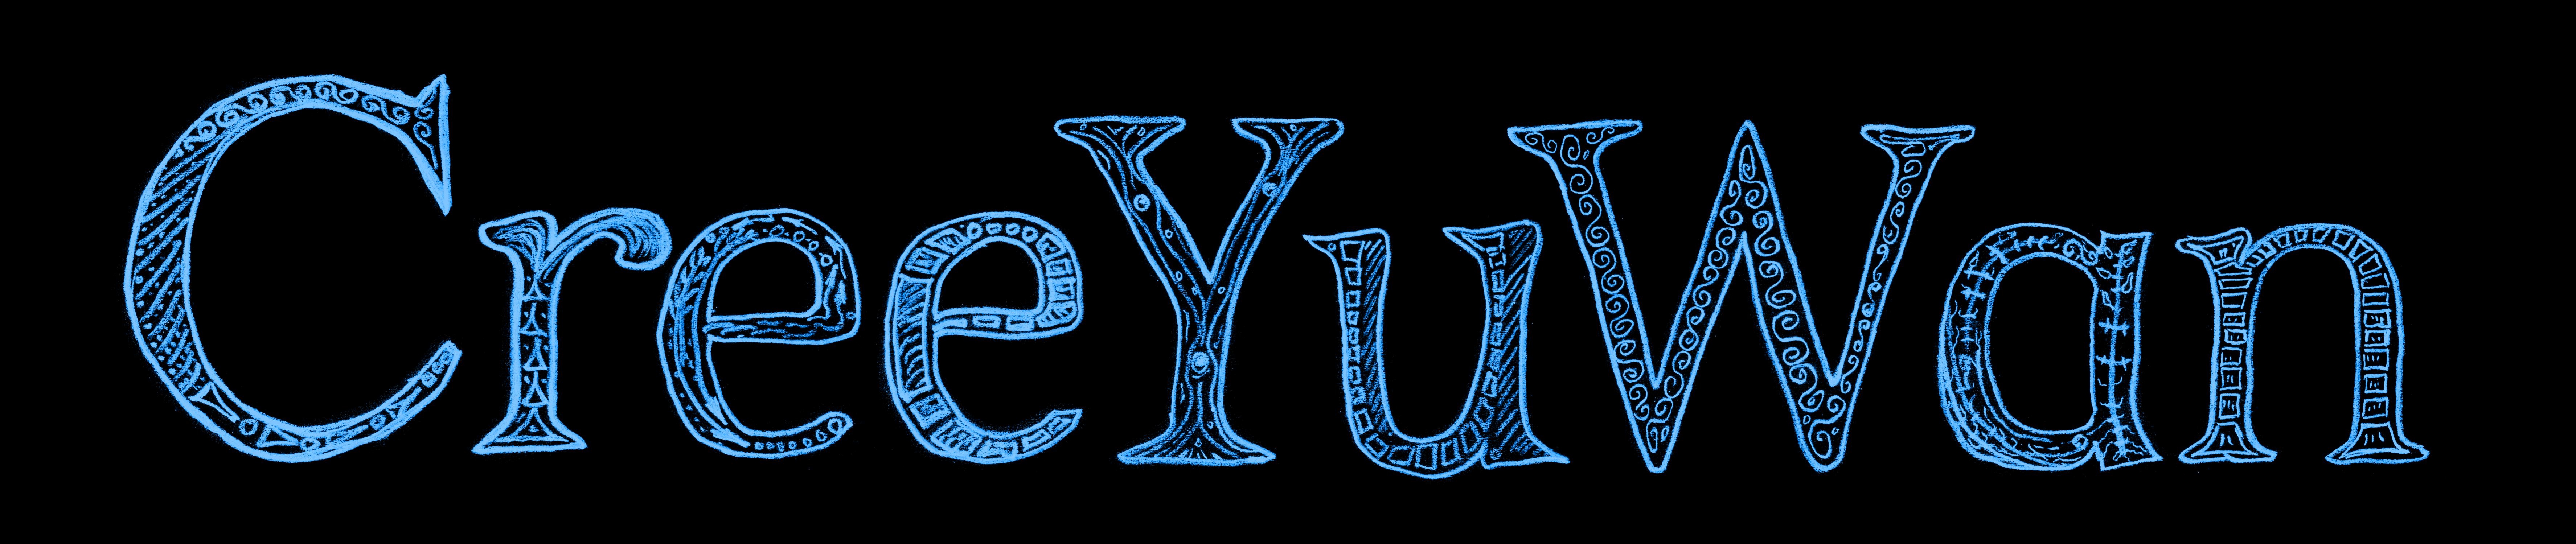 Startseite CreeYuWan